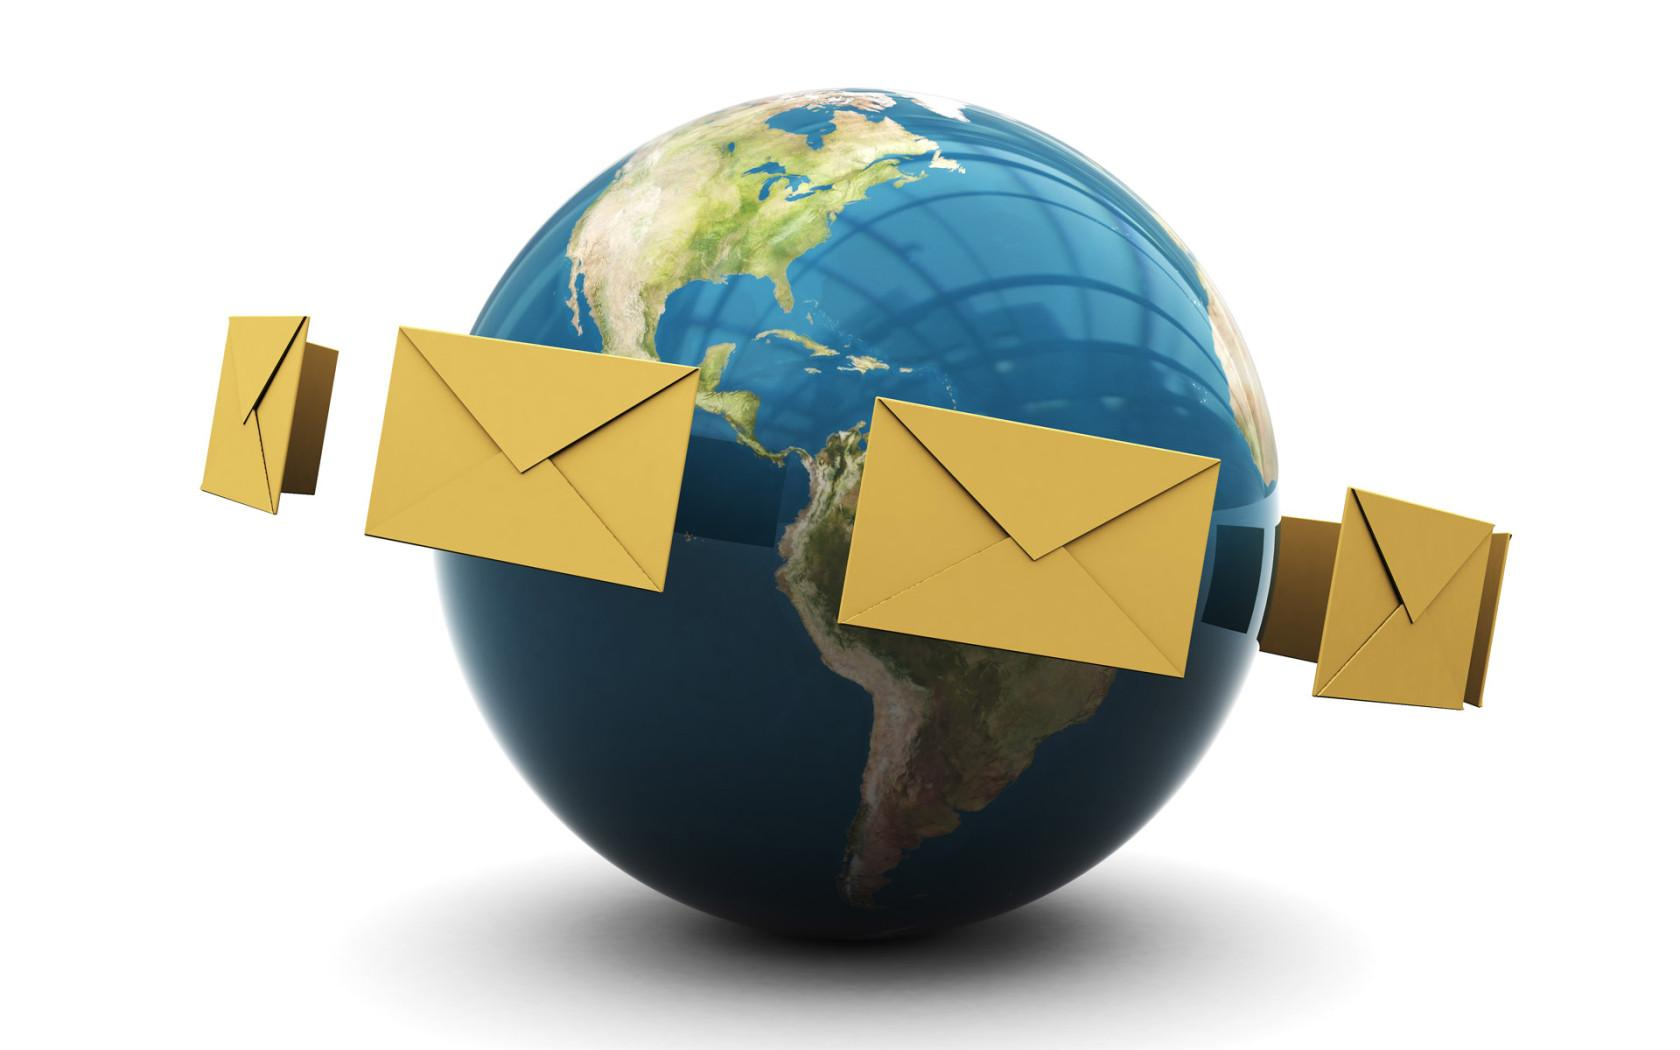 интересные письма для знакомства в интернете